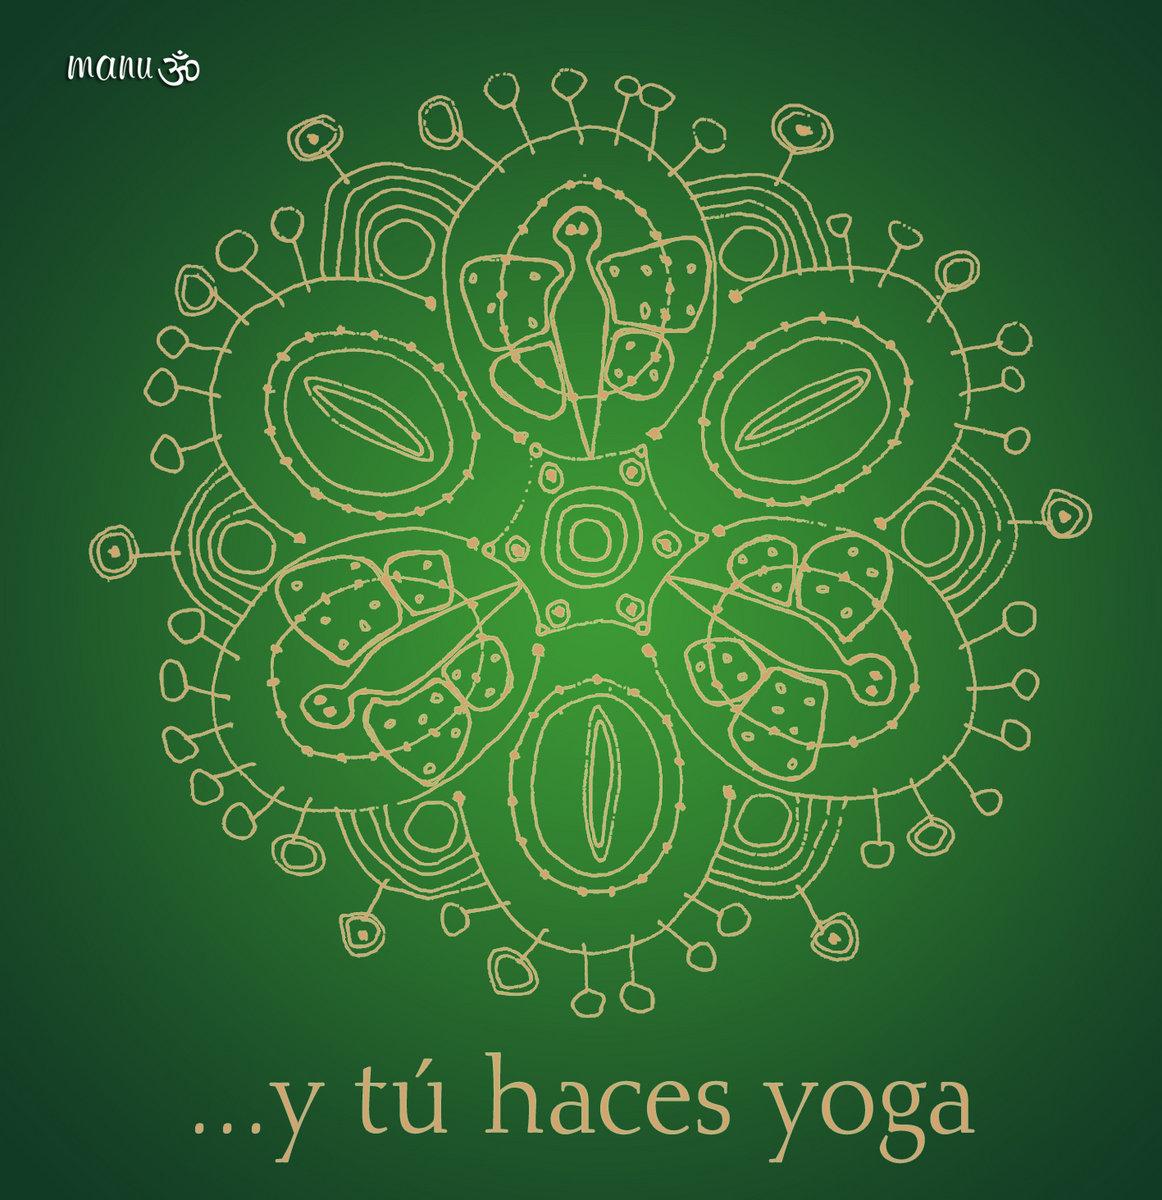 yoga que el eterno sol te ilumine